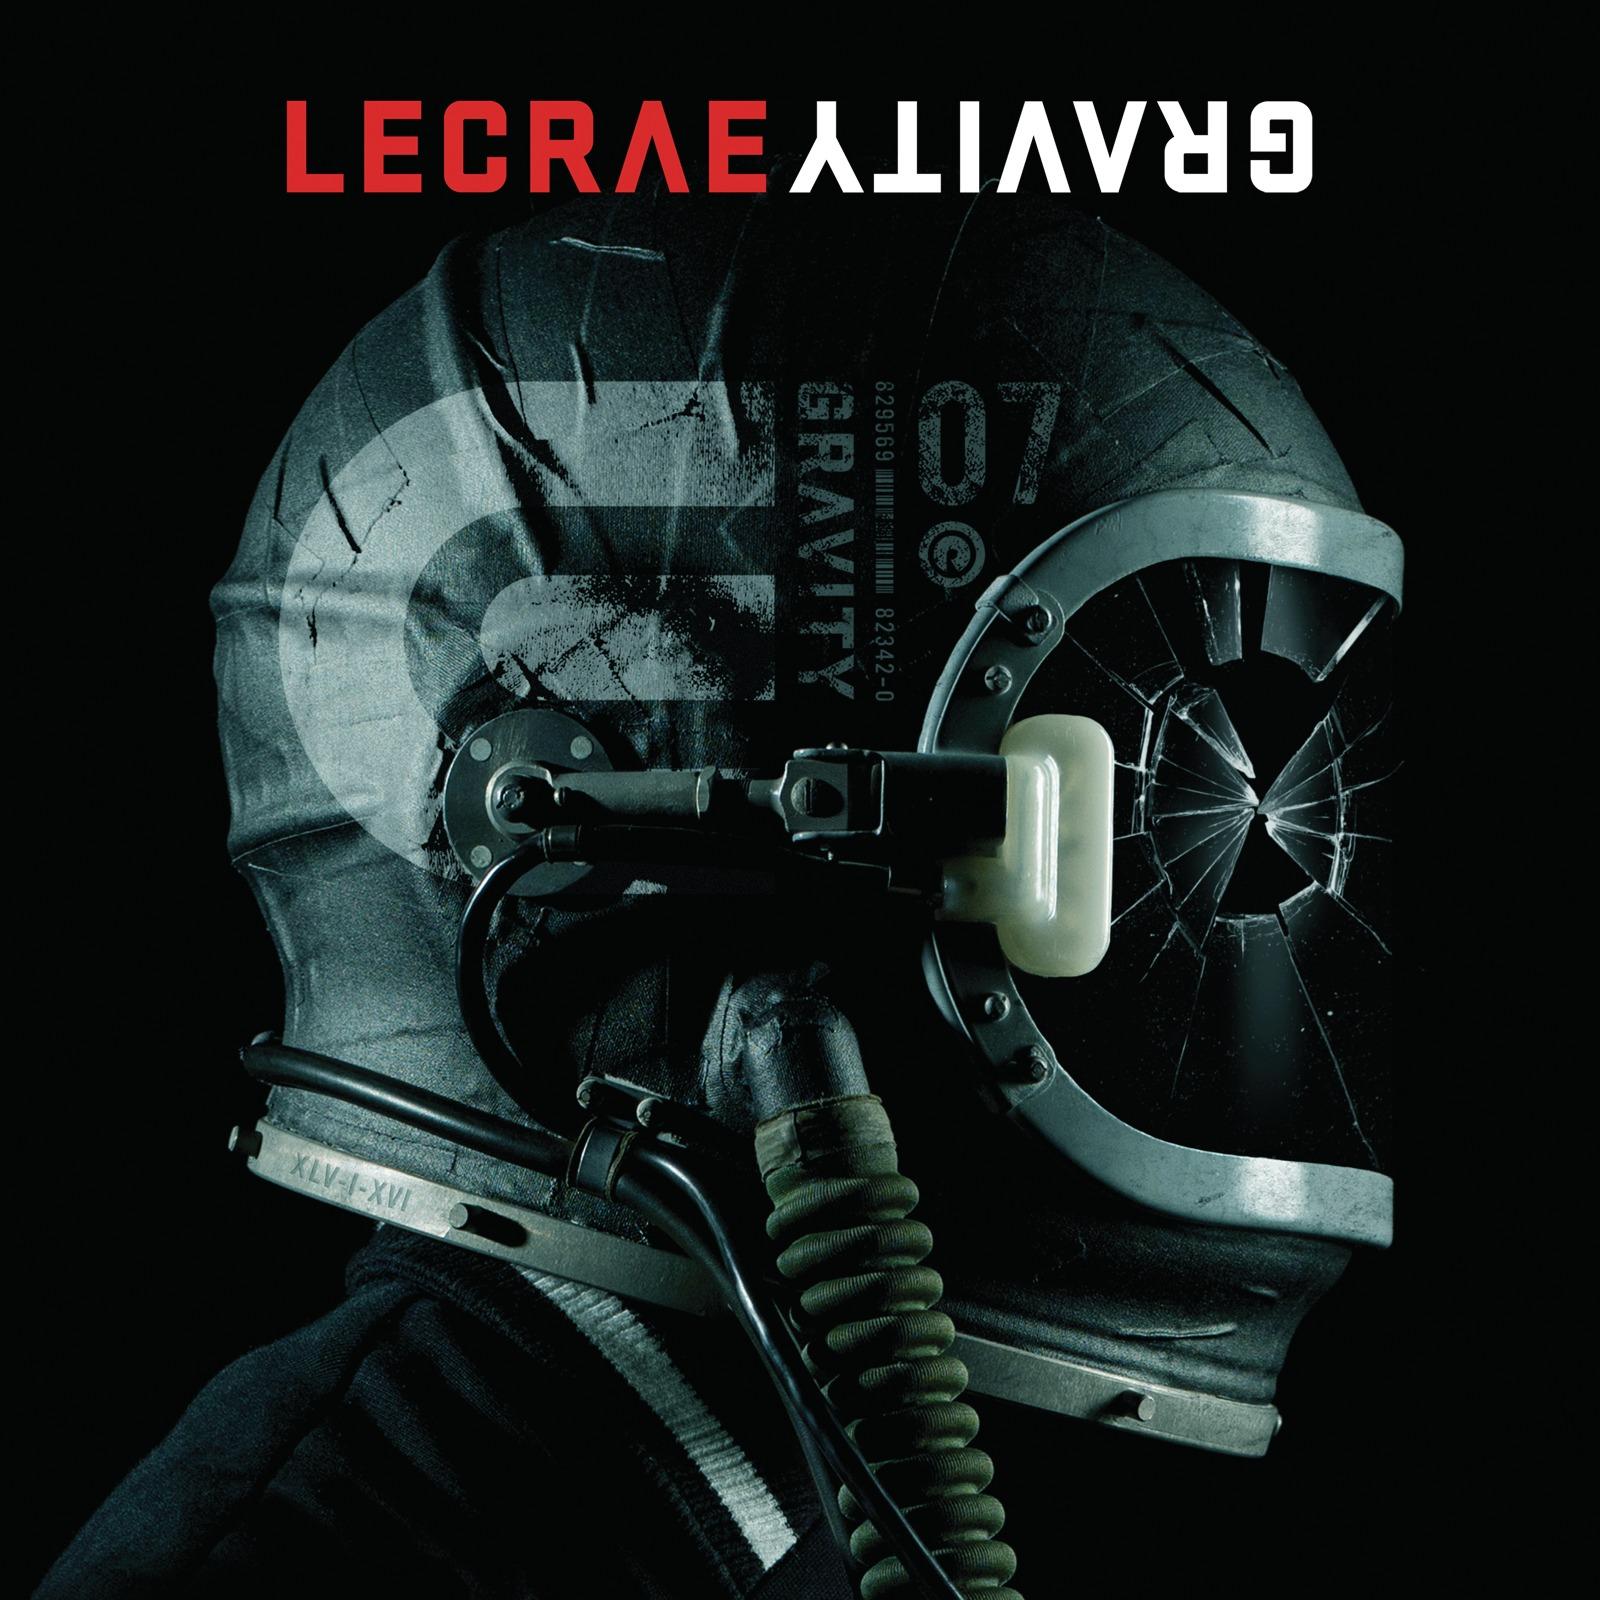 lecrae gravity tracklist - 1000×1000